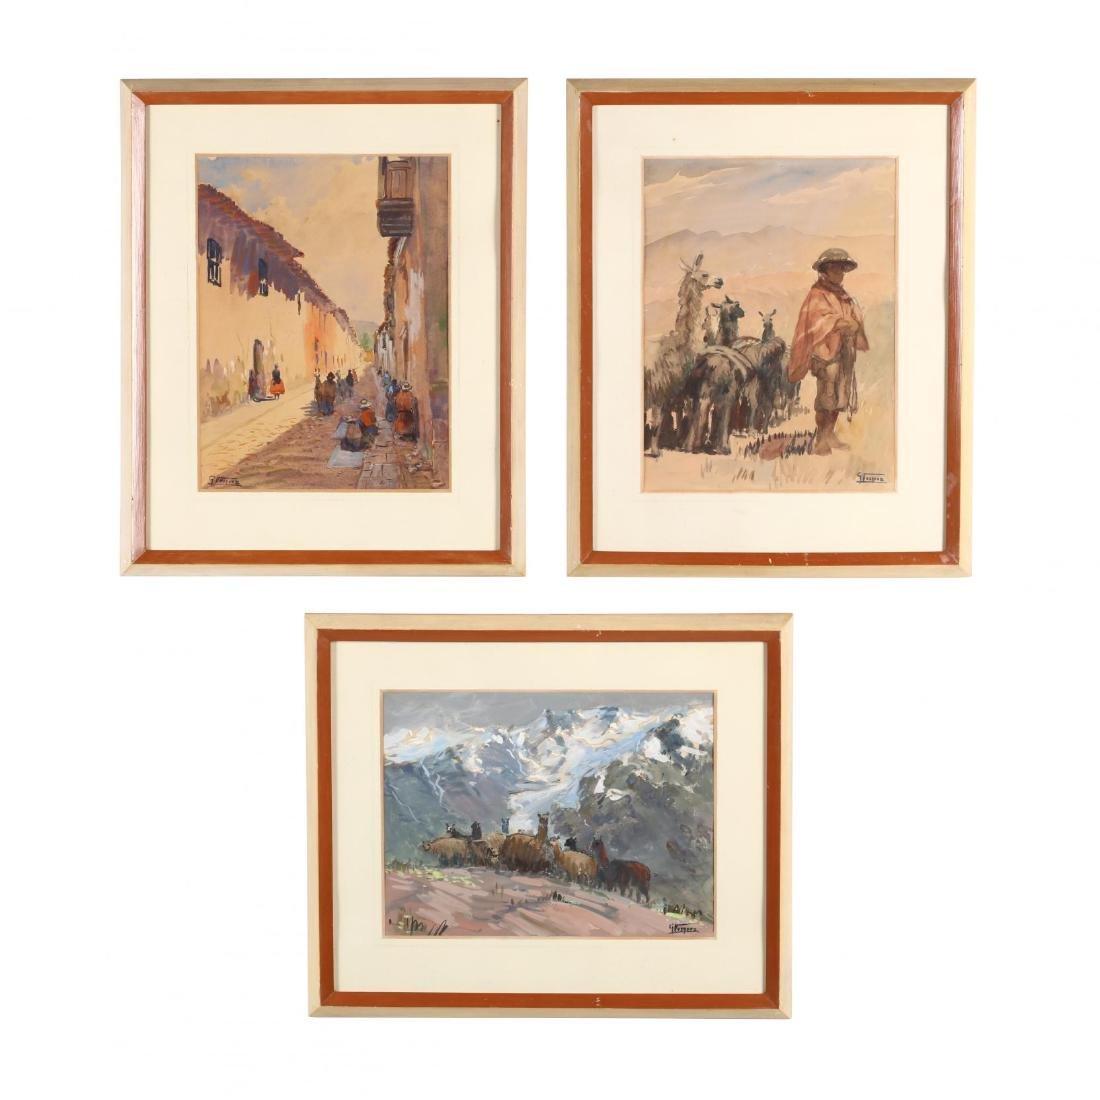 G. Vasquez (20th century), Three Watercolors